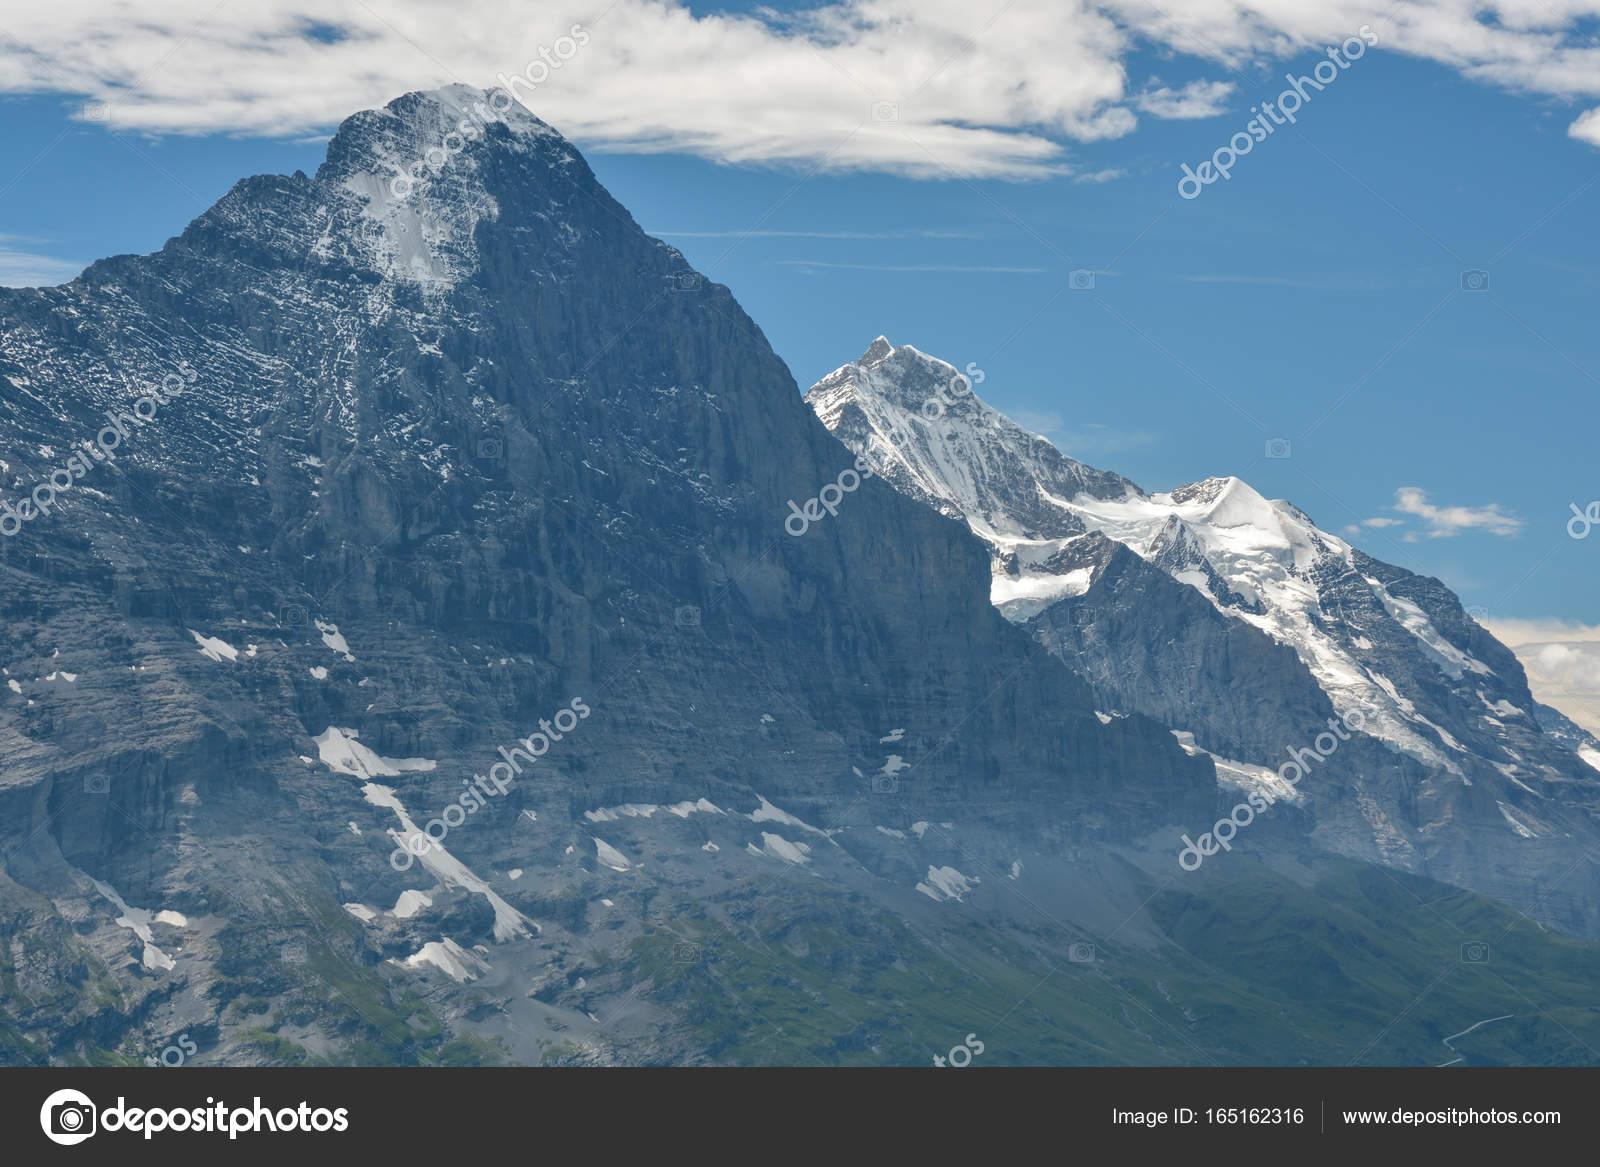 Cimeira de eiger nos alpes berneses sua stock photo bacil82 cimeira de eiger nos alpes berneses sua fotografia de stock reheart Choice Image